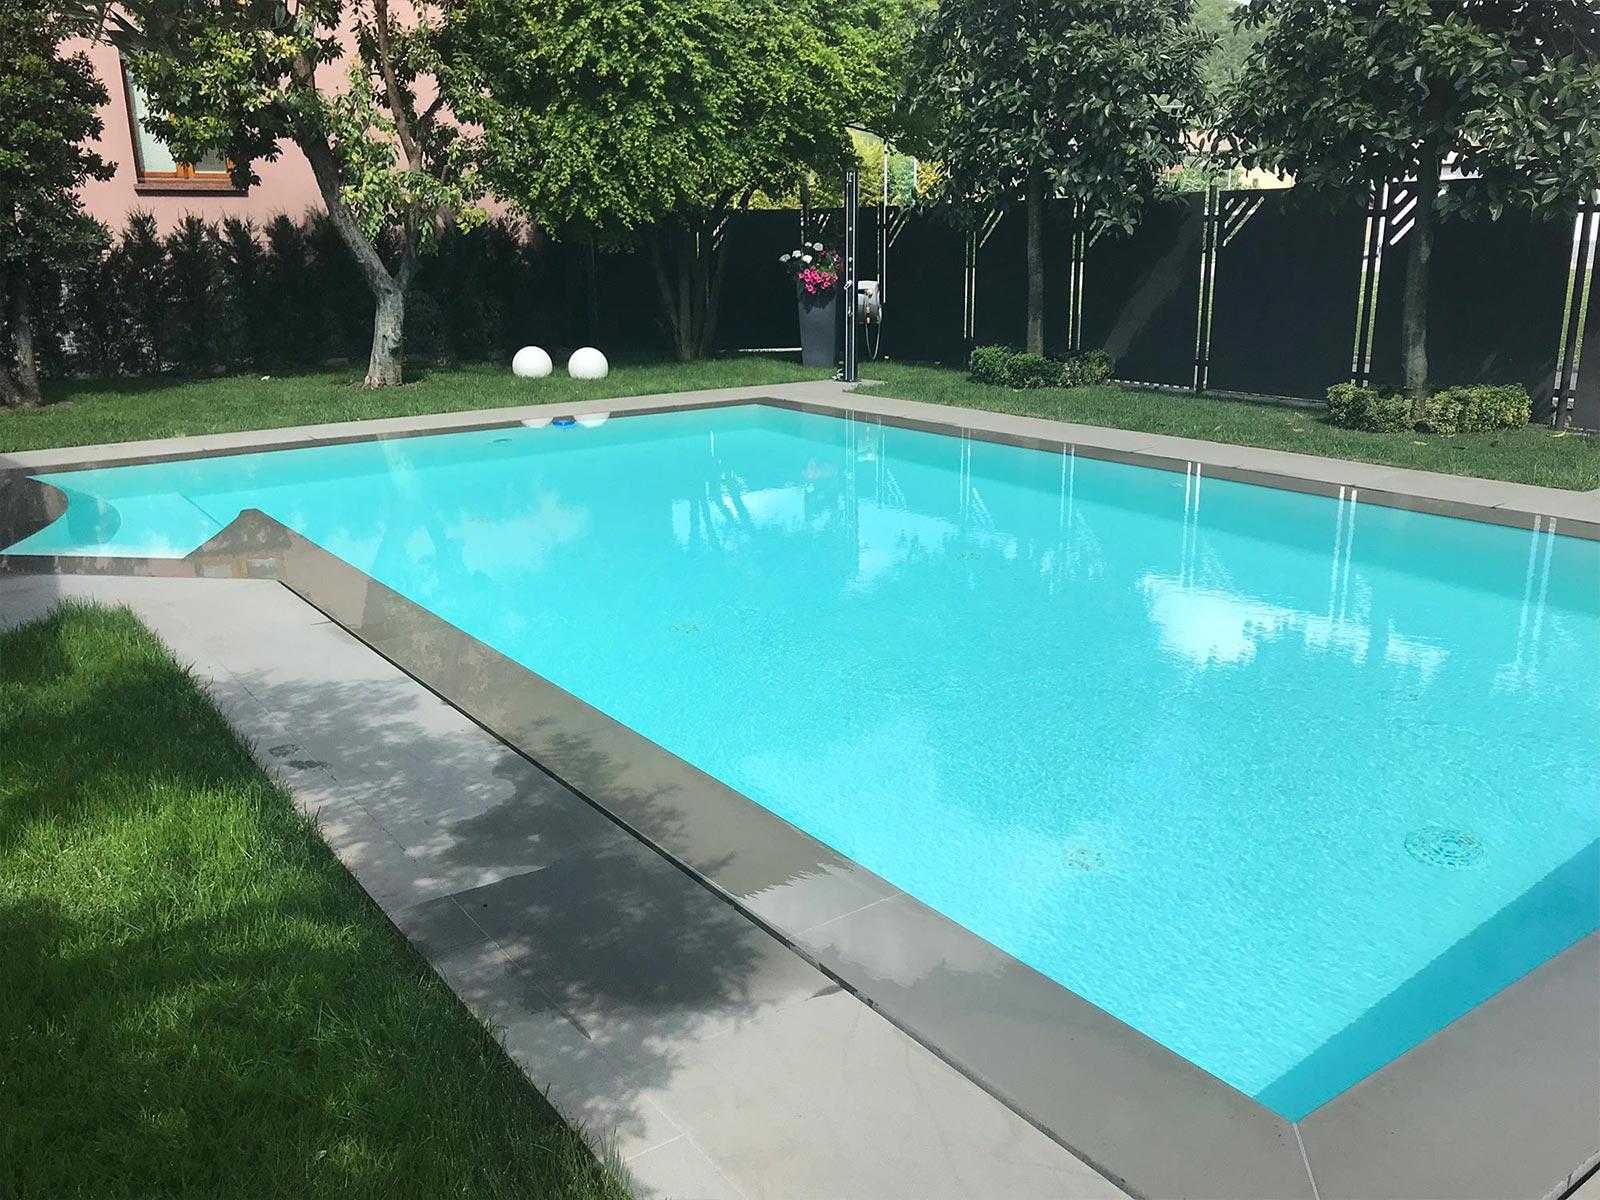 piscina a sfioro a fessura con bordo scuro